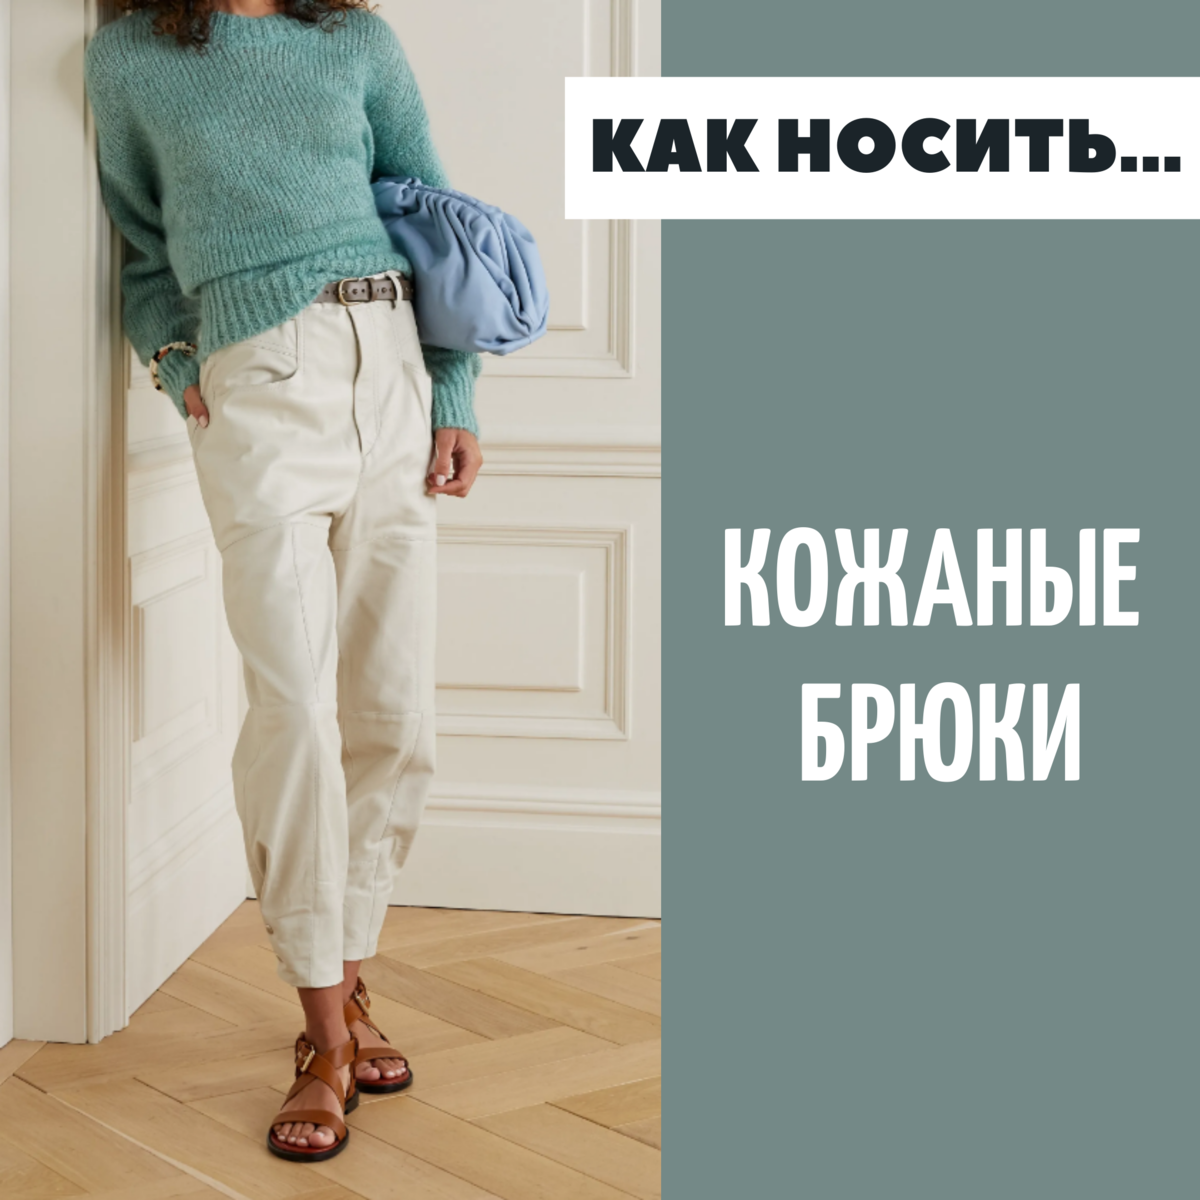 Кожаные брюки: с чем носить? 7 готовых образов из масс-маркета